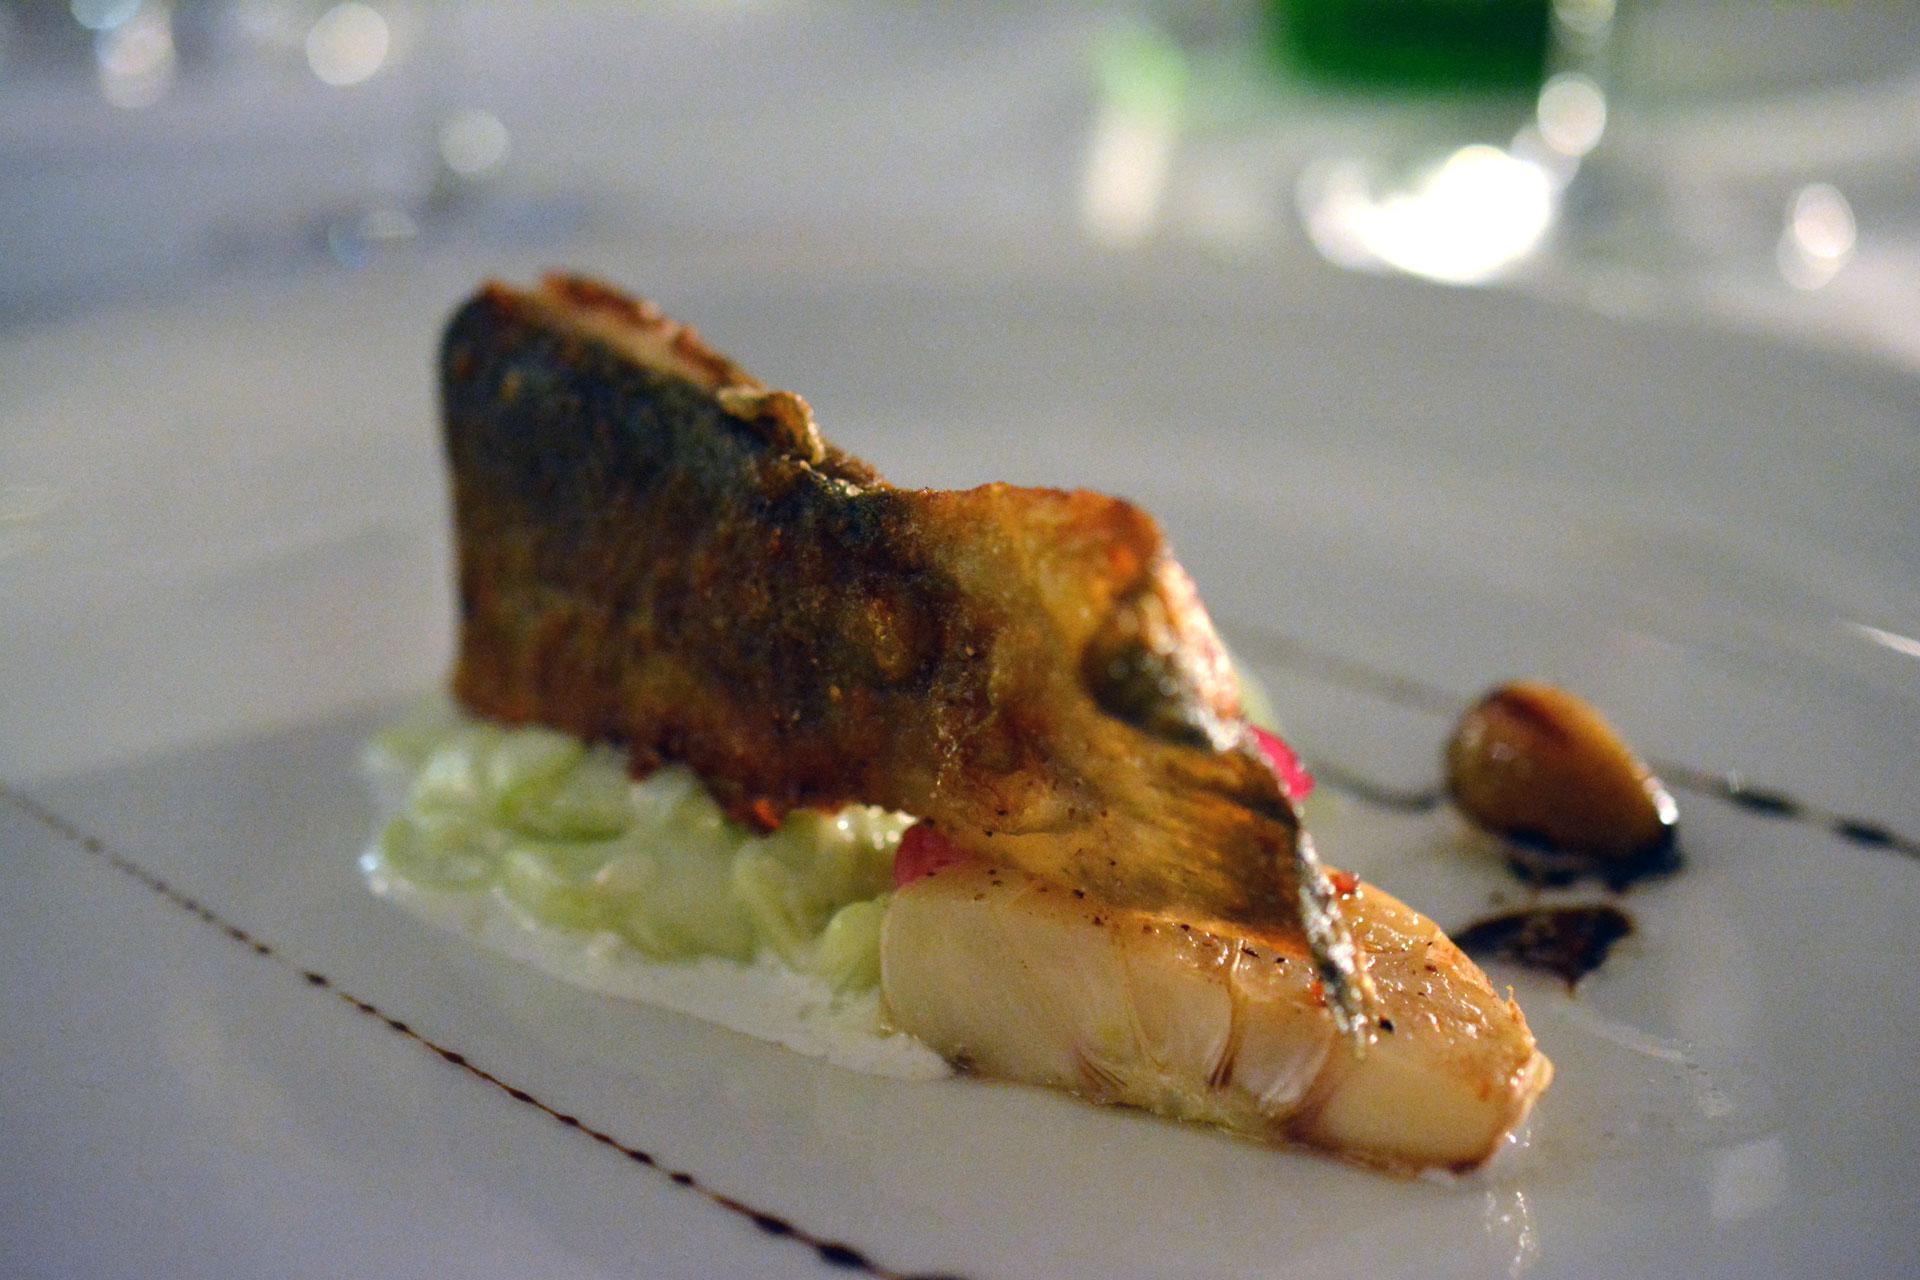 Knusprig gebackener Saibling mit Rahmgurkensalat und frischem Knoblauch